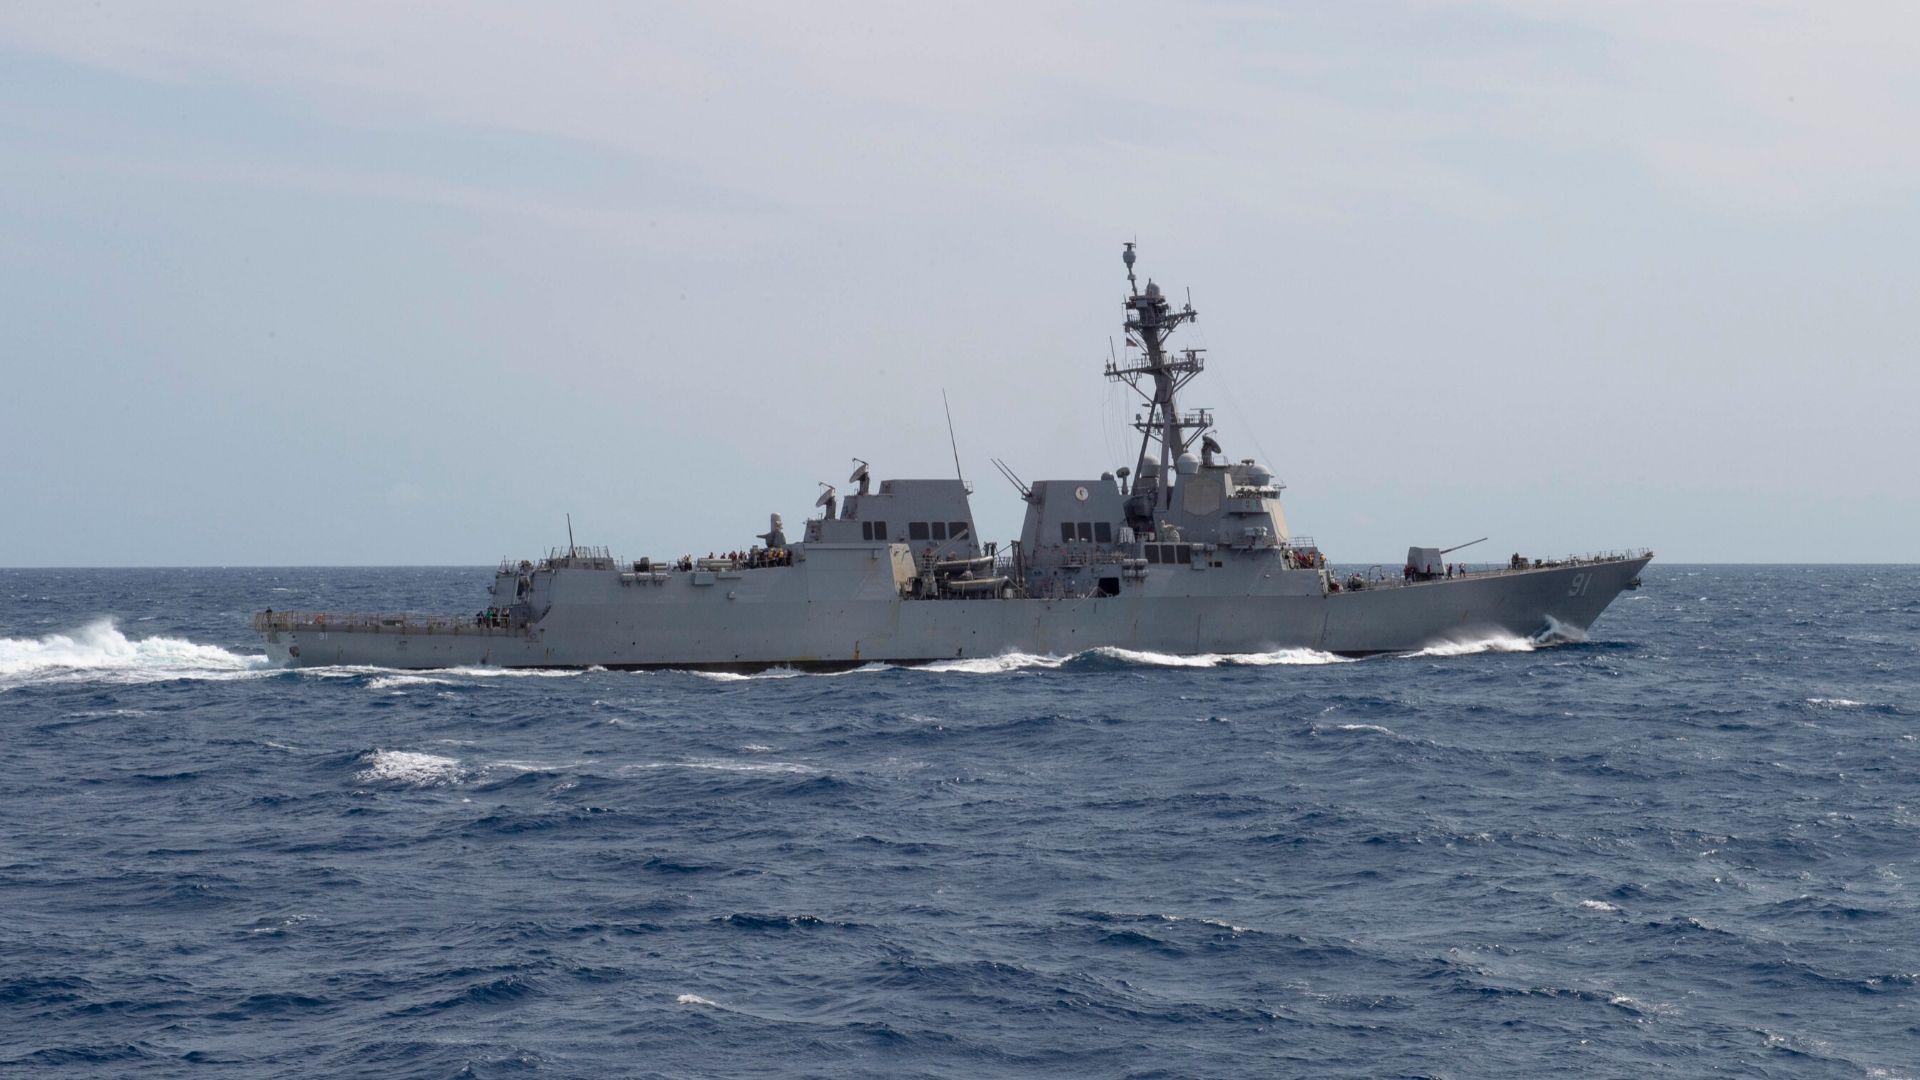 """Caracas denuncia """"ingreso furtivo"""" de buque de EE.UU. a aguas jurisdiccionales de Venezuela"""